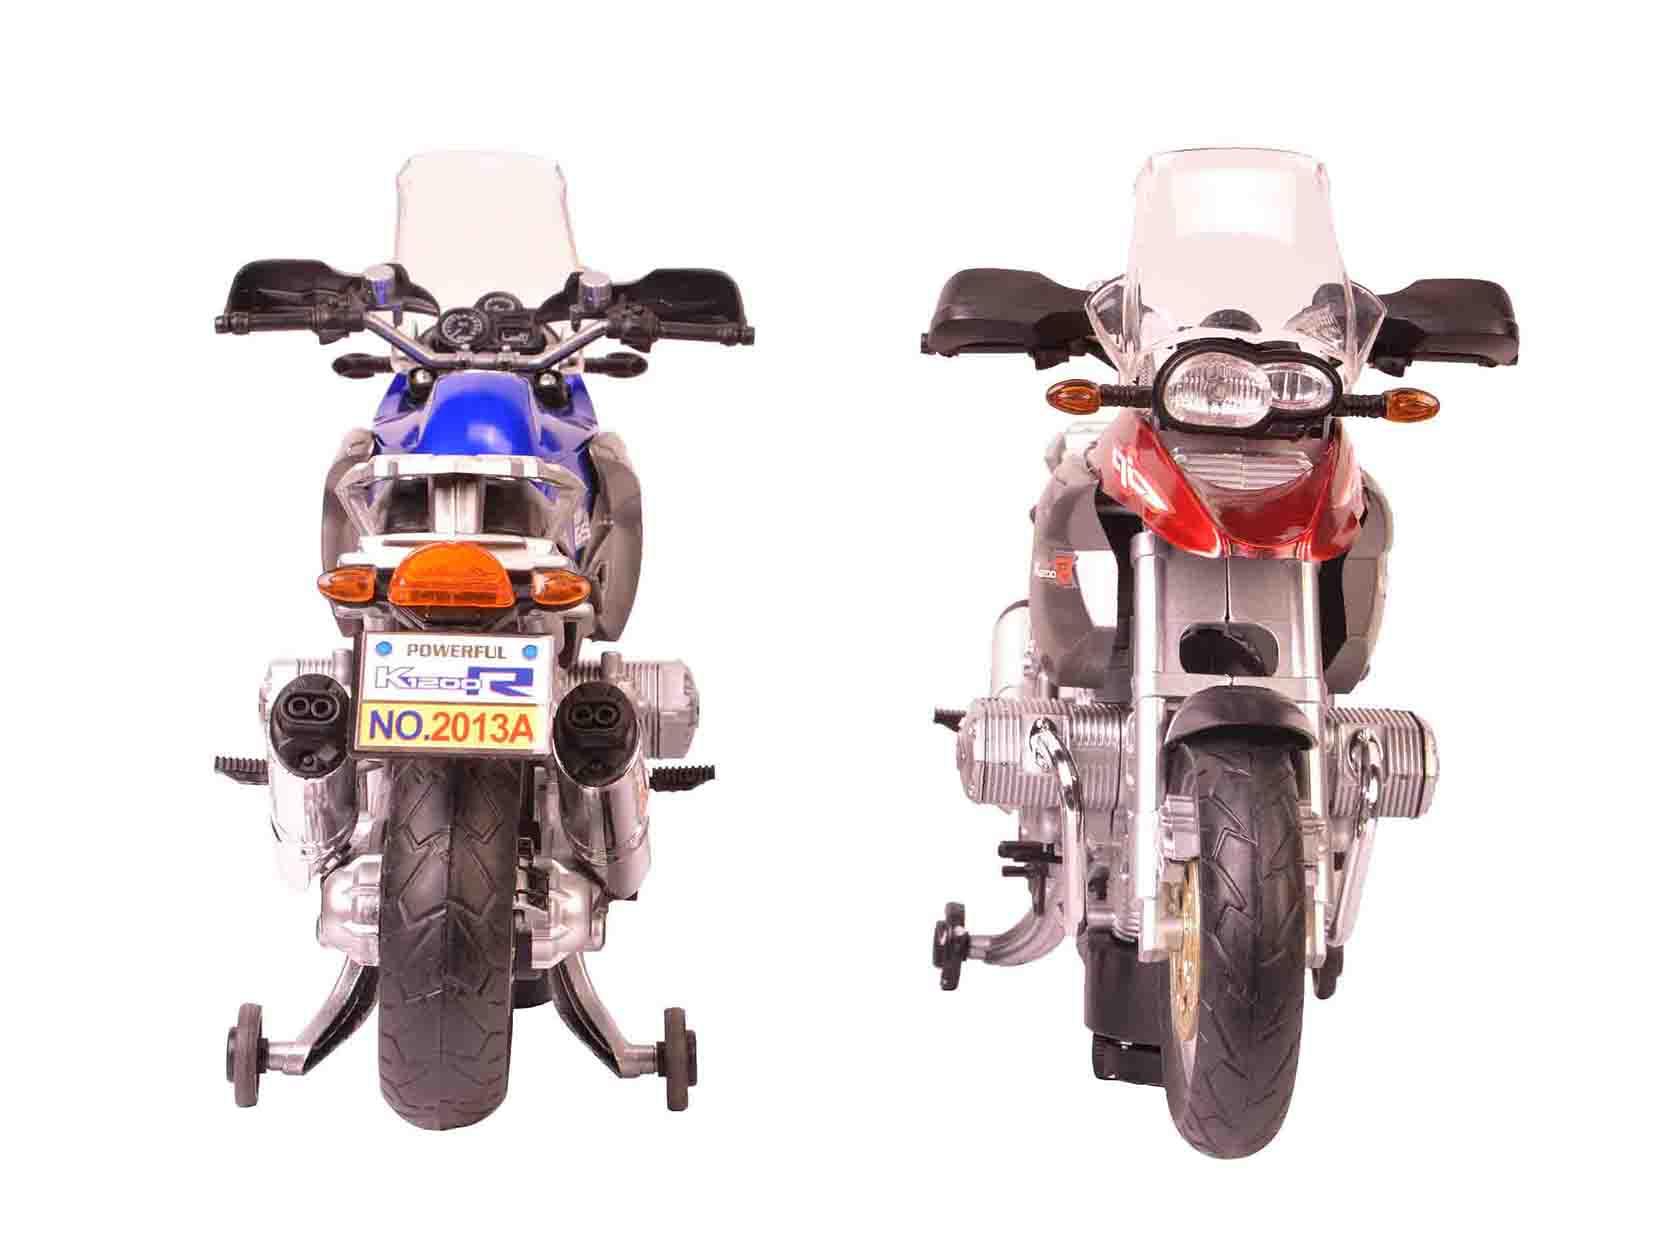 موتور سیکلت اسباب بازی حرکتی